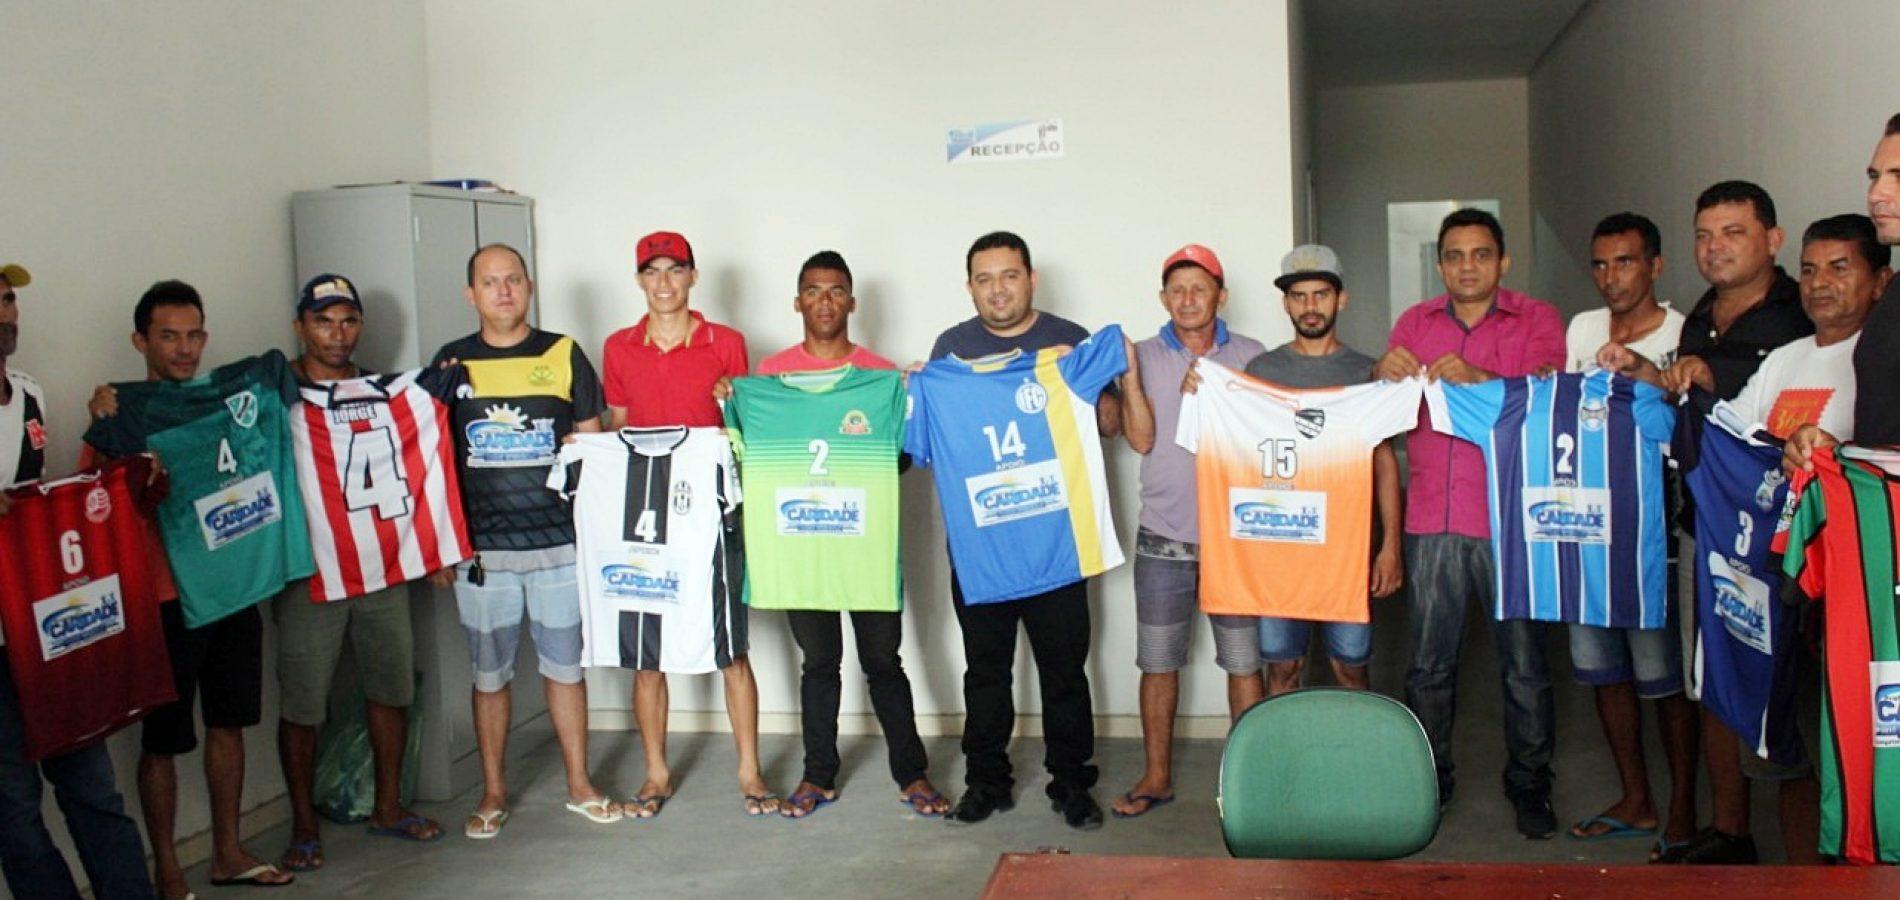 Prefeito Toninho entrega uniformes para 12 times que irão disputar Campeonato Municipal de Caridade